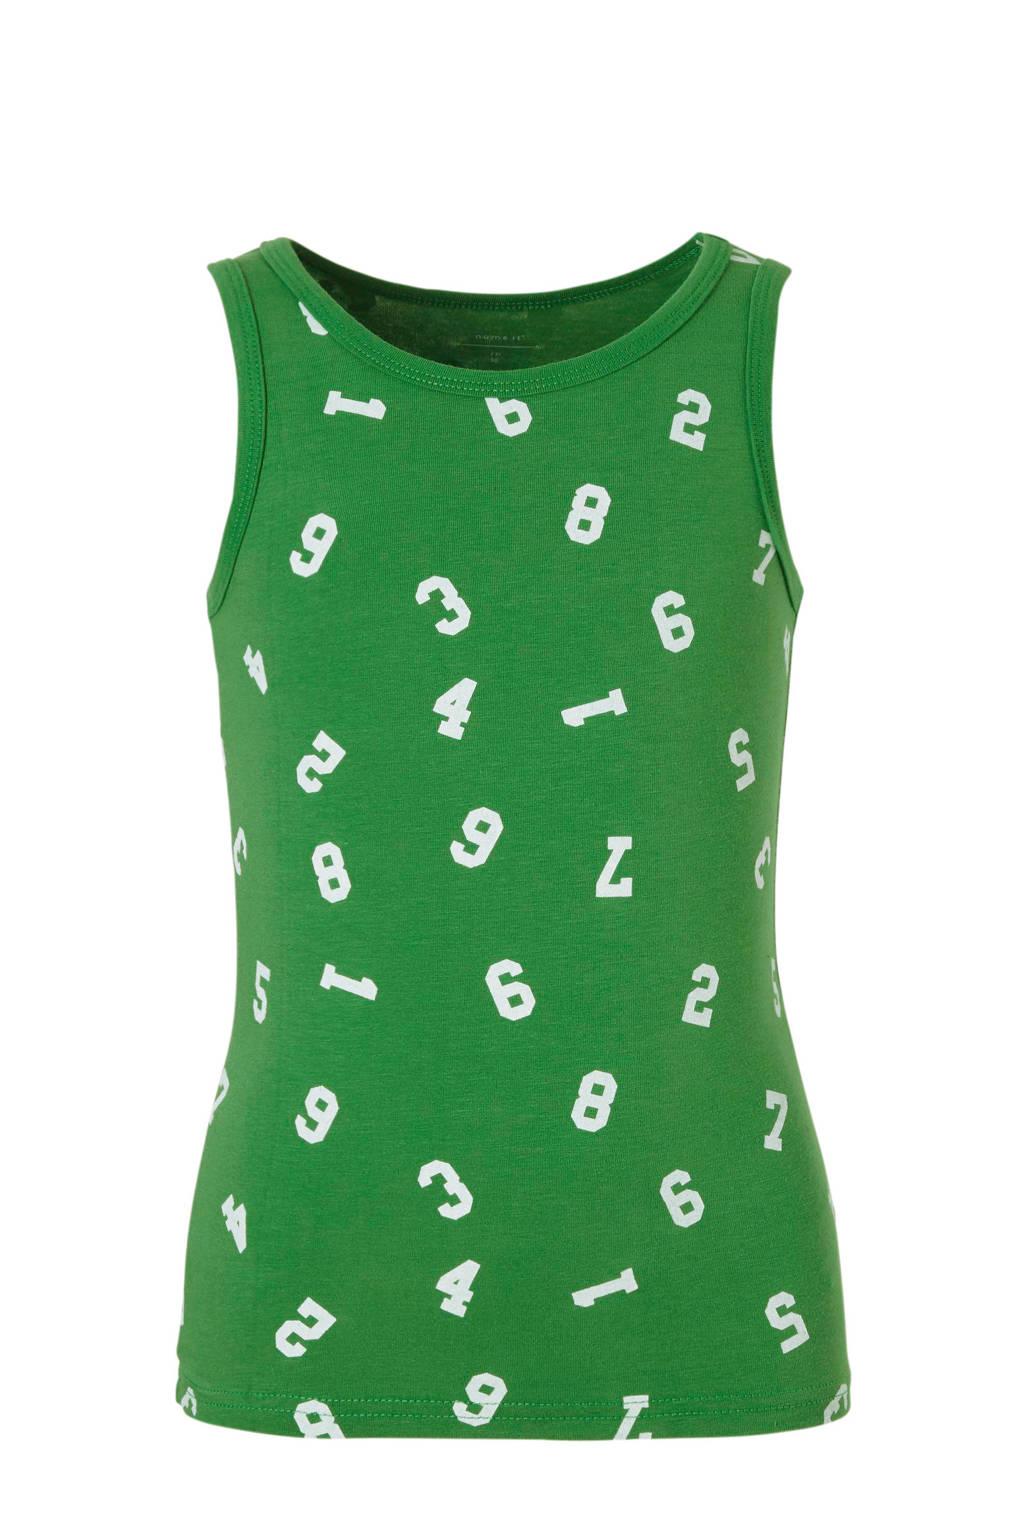 NAME IT MINI hemd ( set van 2 ), Groen/ grijs melange